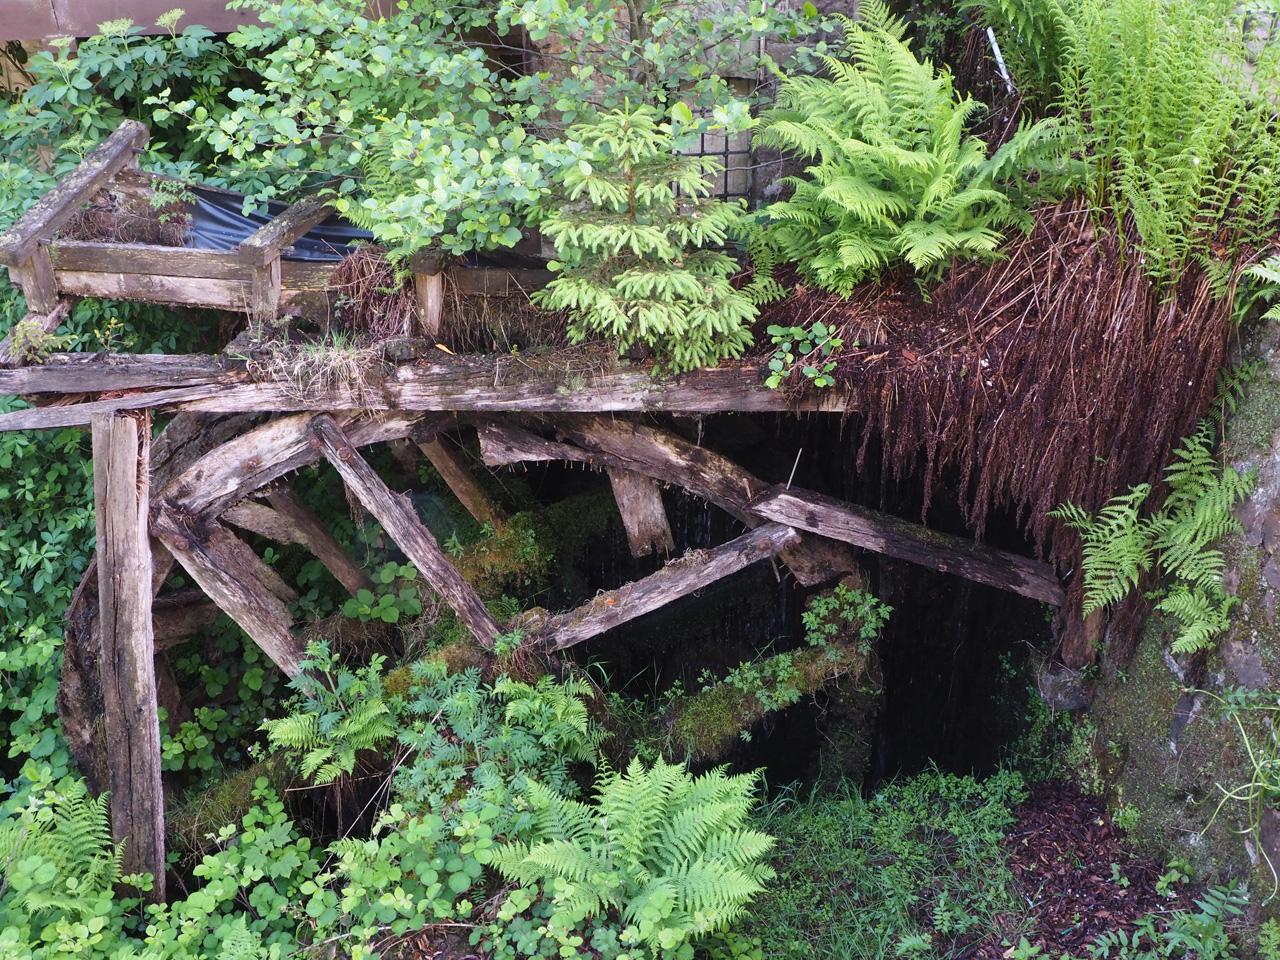 de 40 meter hoge rotswand van de Externsteine